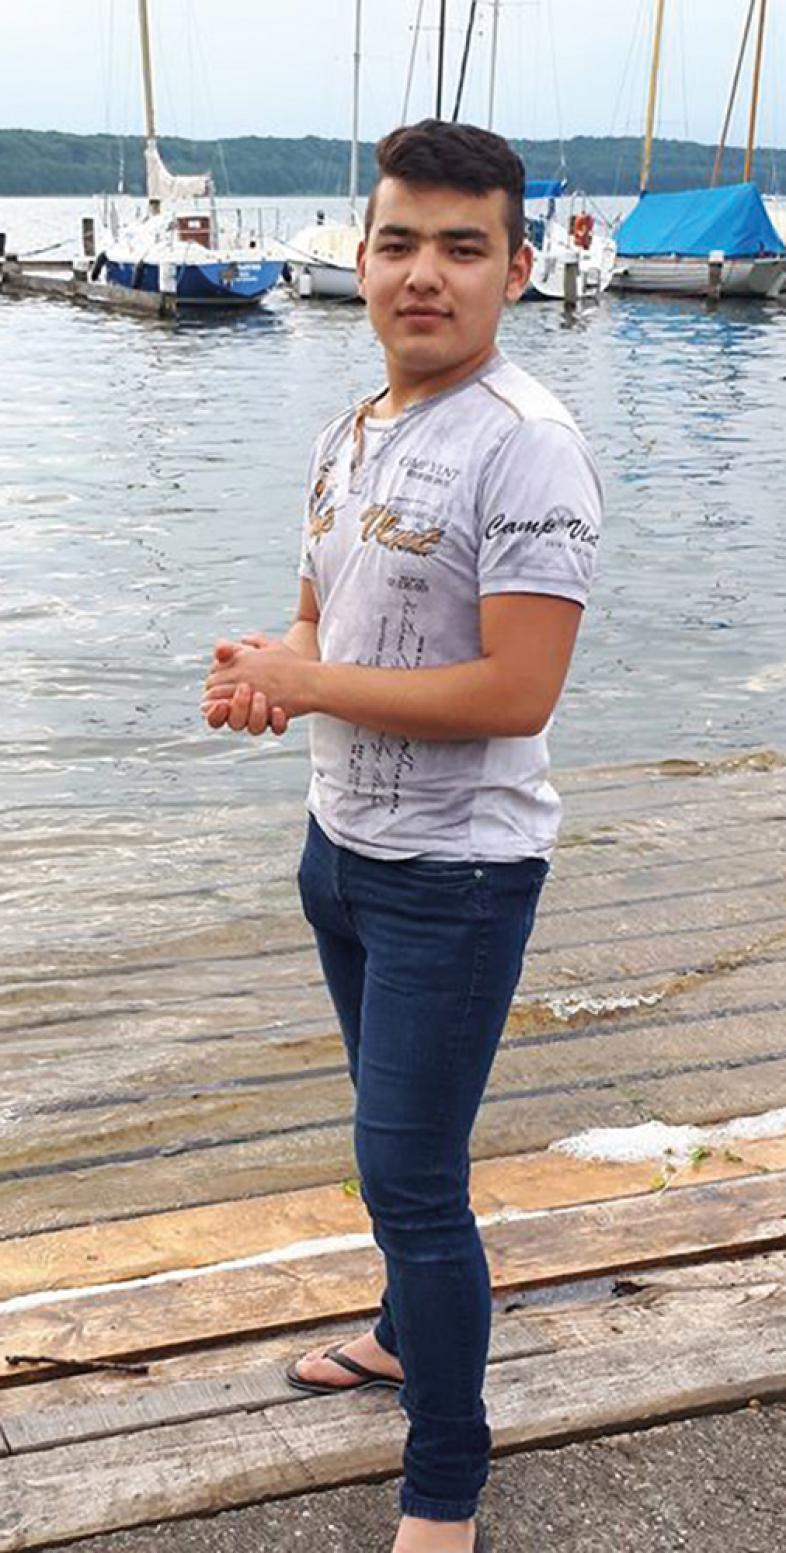 Rostam Nazari steht am Meer